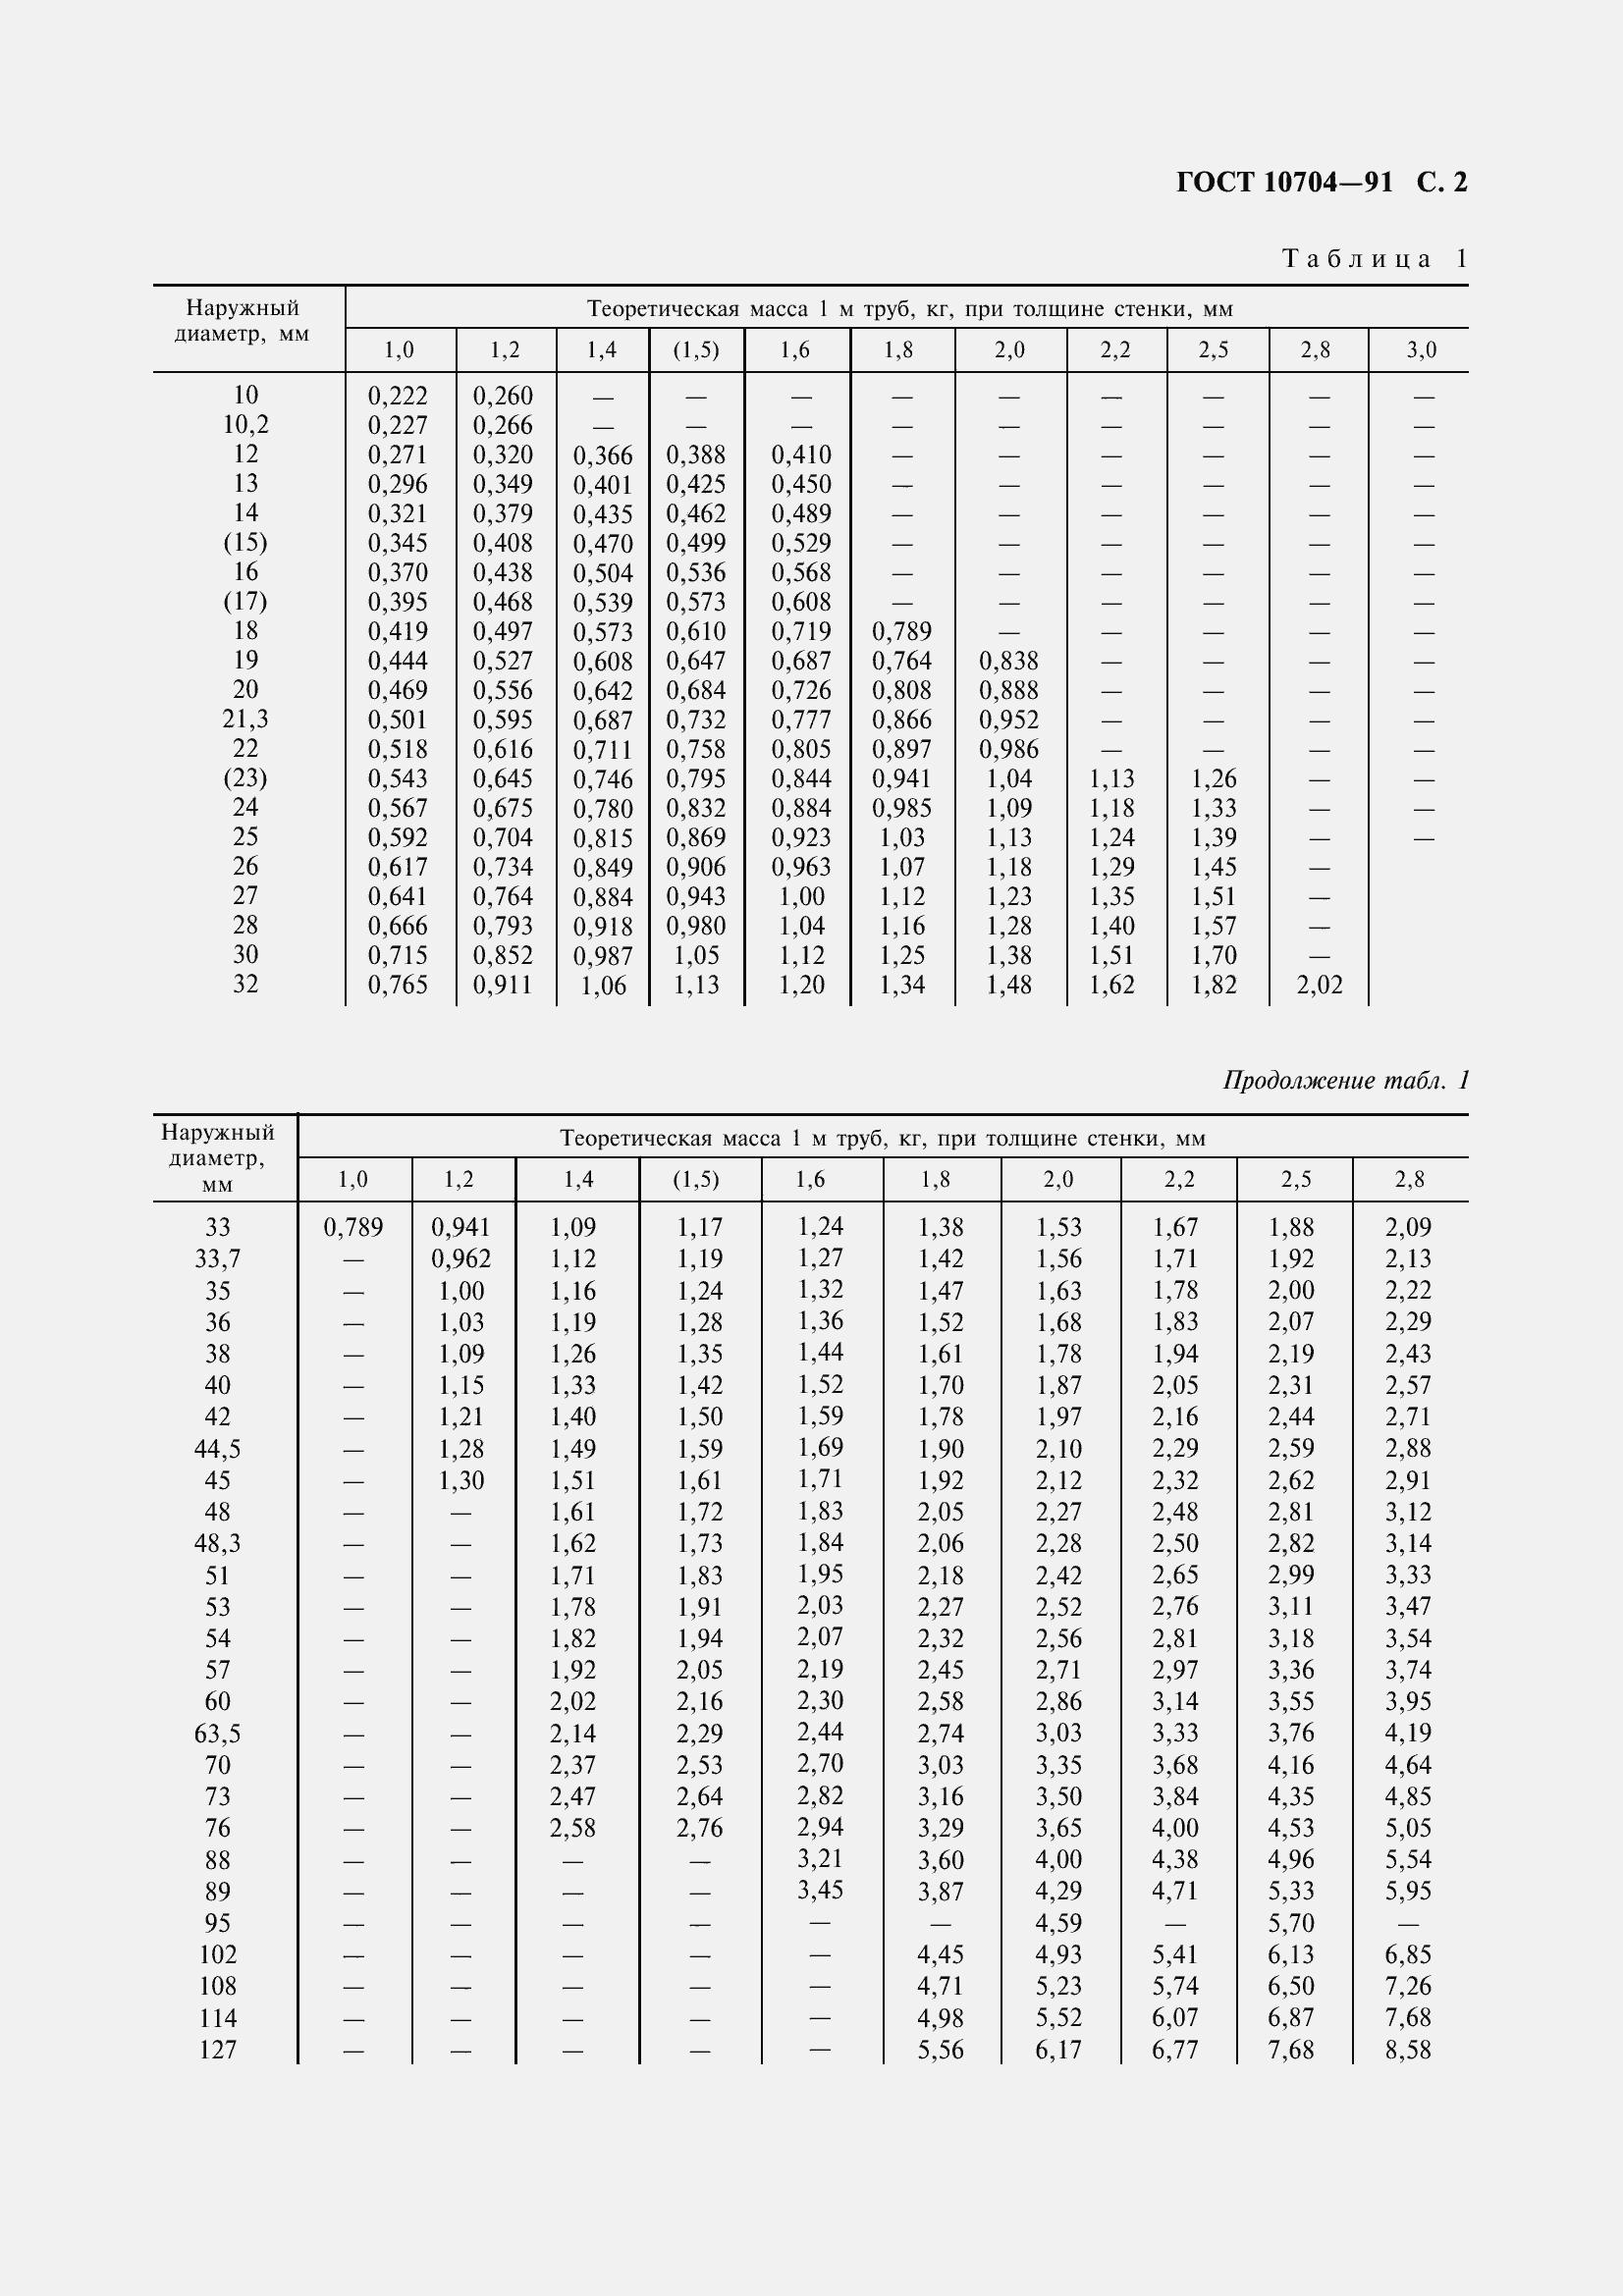 область применения труб гост 10704 91